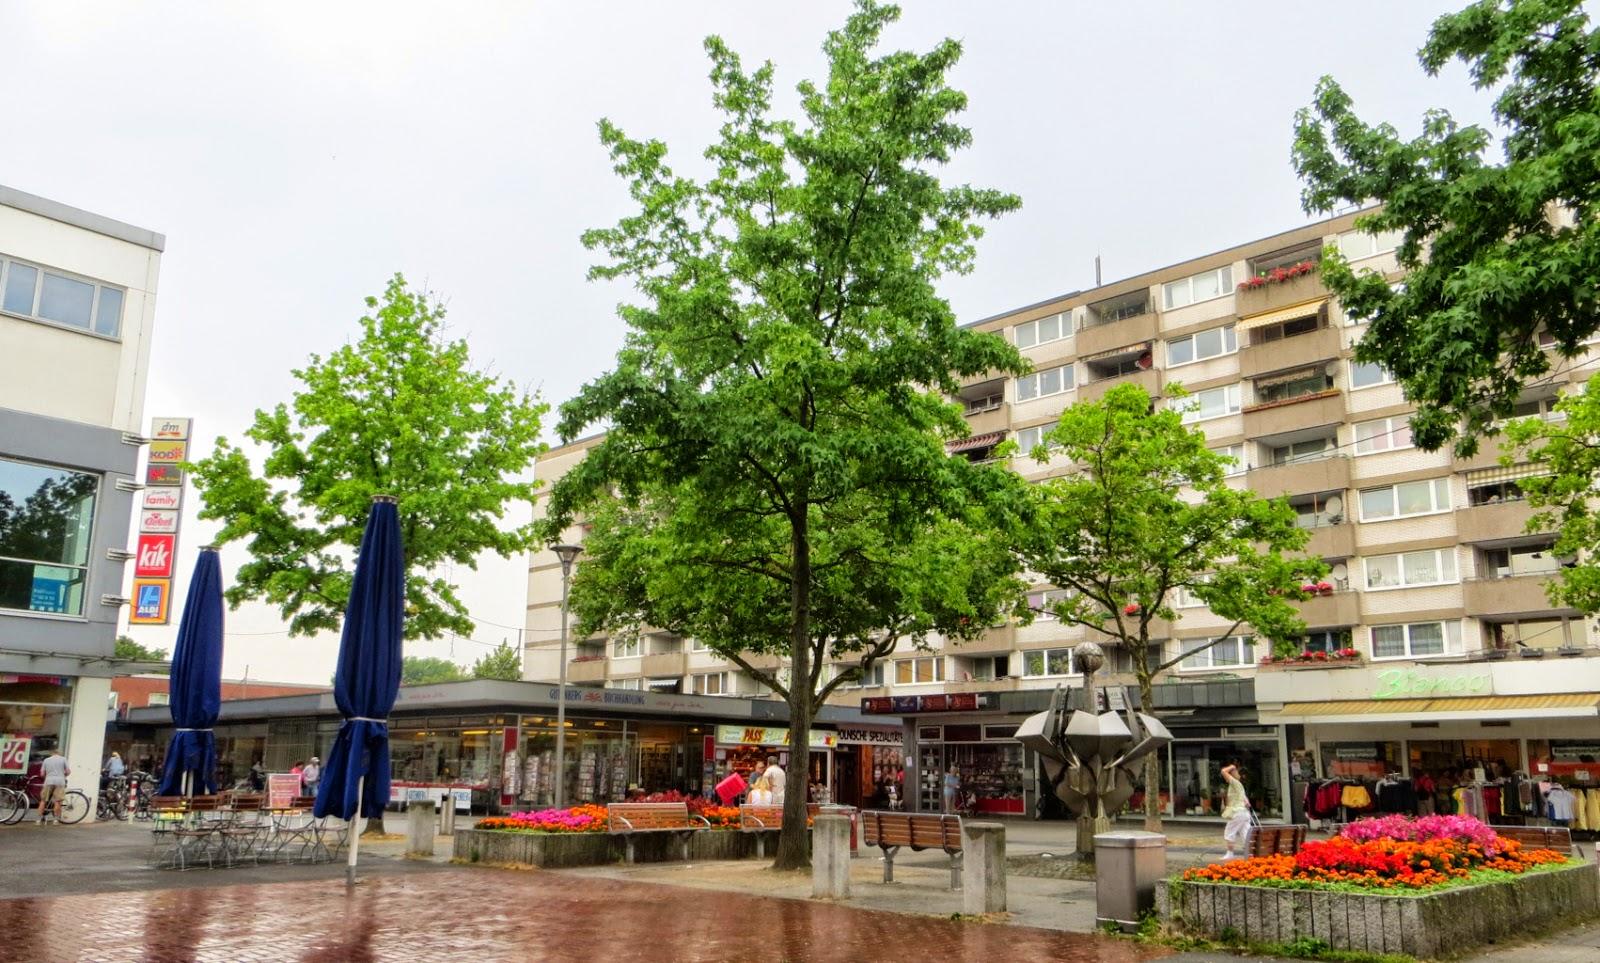 Toom Gartenmobel Annette : Düsseldorf und Umgebung in Bildern Düsseldorf Garath Bilder